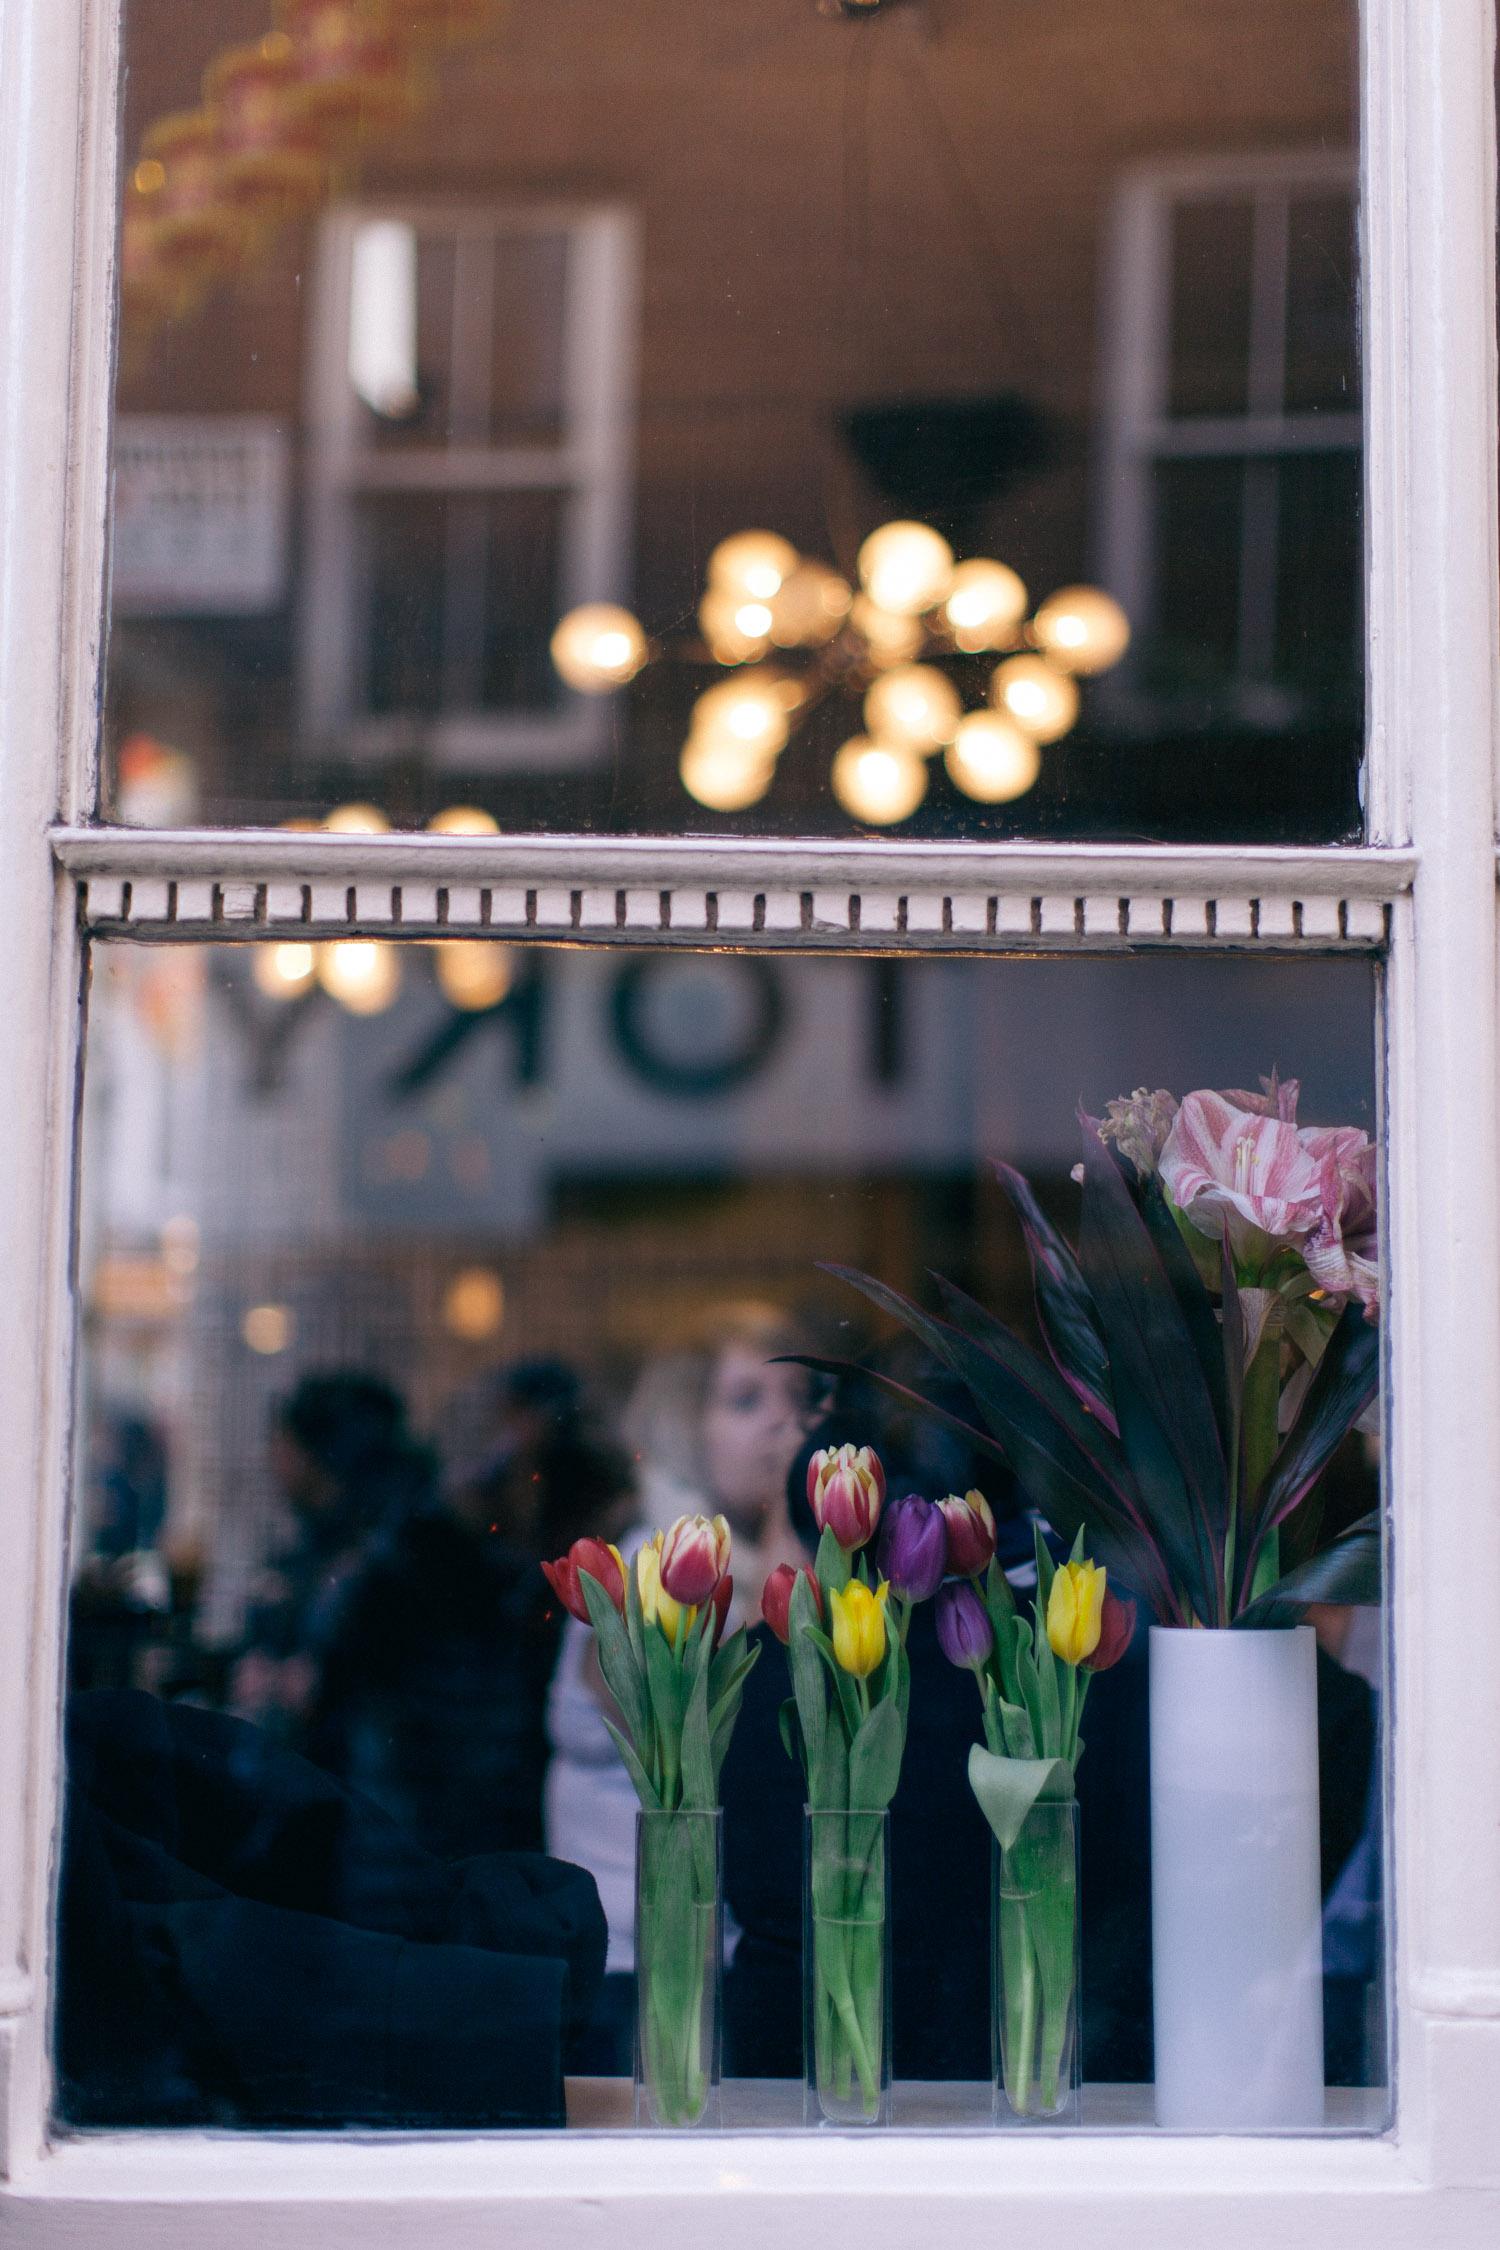 chinatown_window-0139.jpg